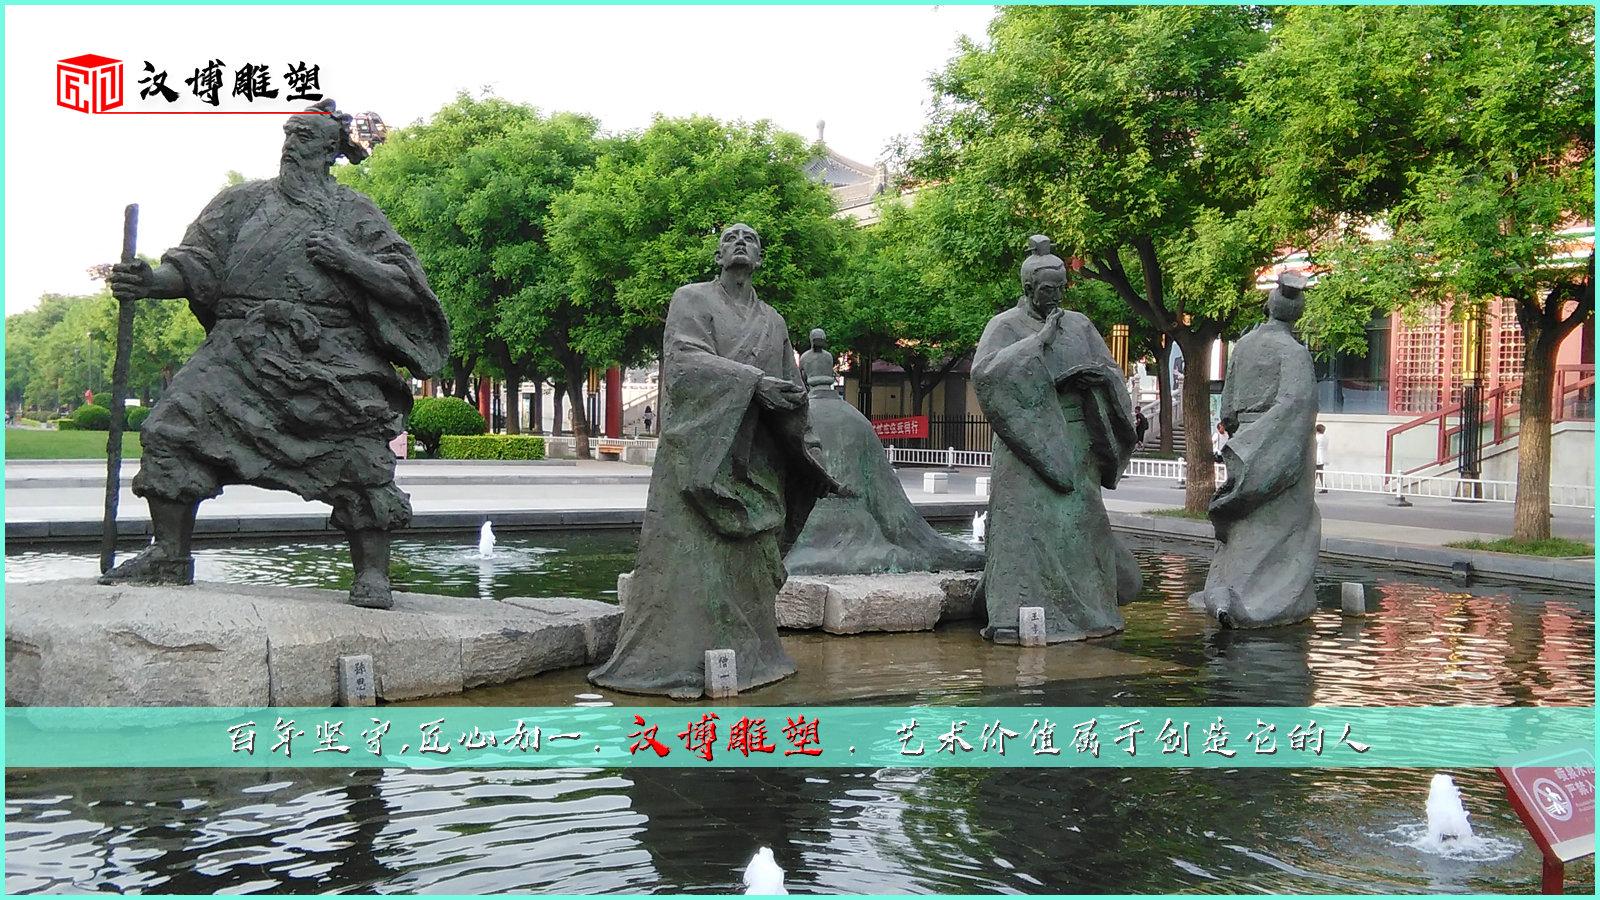 大型人物铜雕像制作;走进历史名人的世界